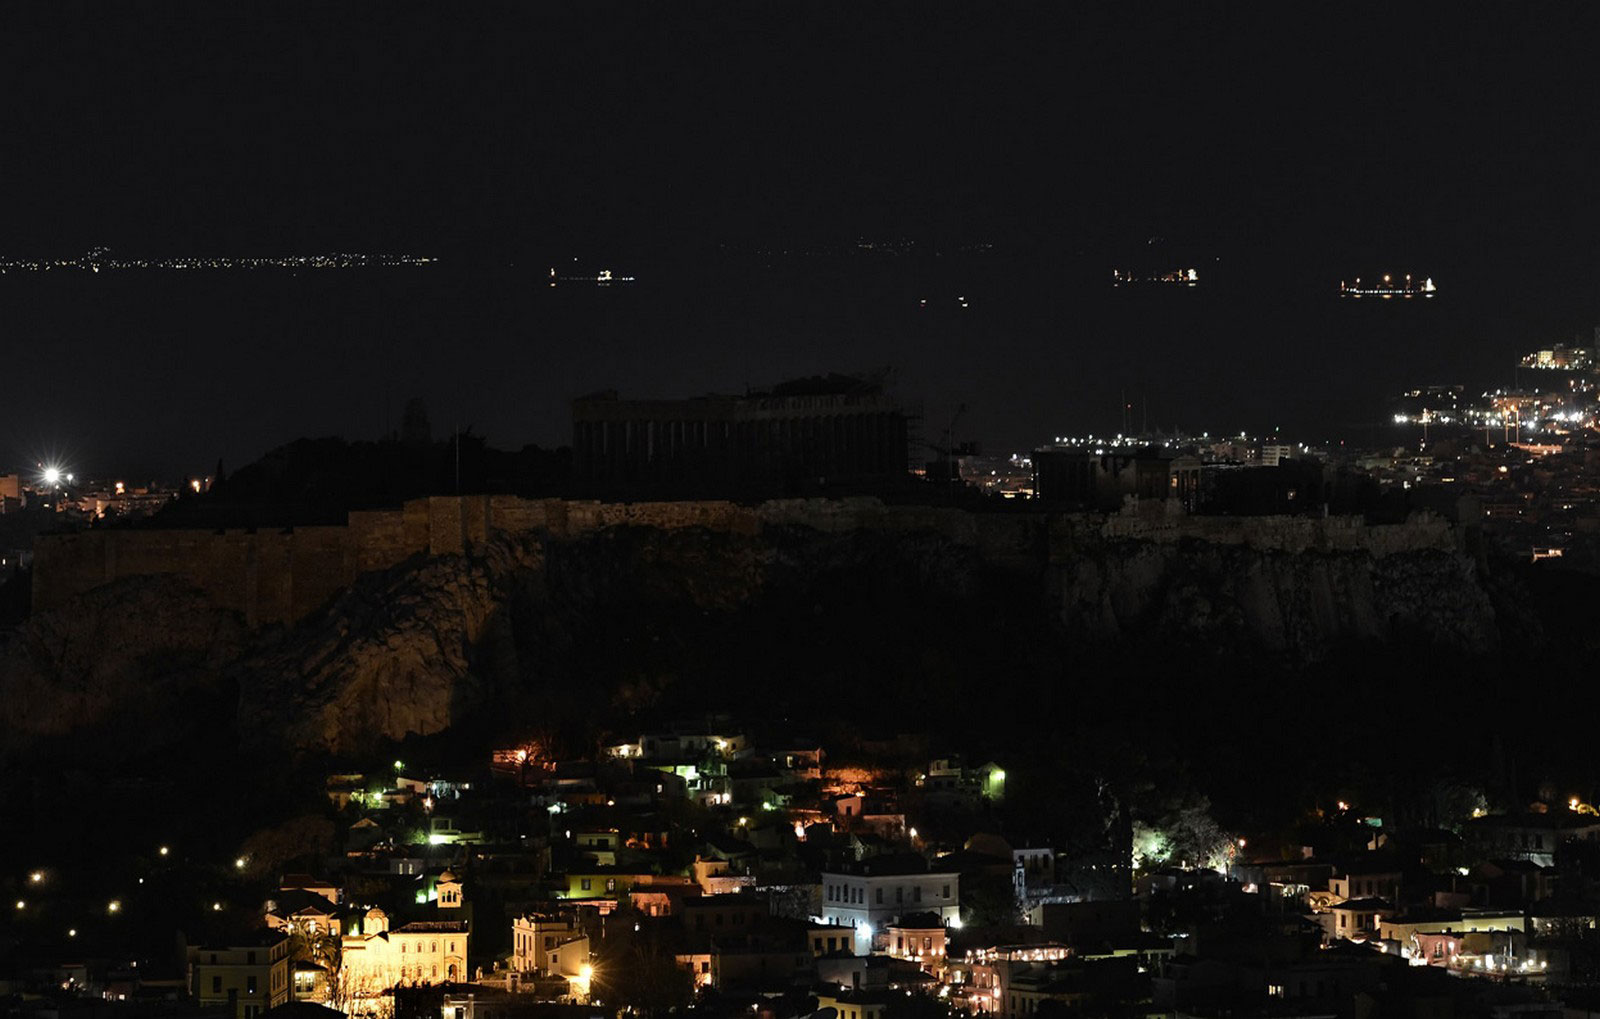 памятник античной архитектуры в Афинах